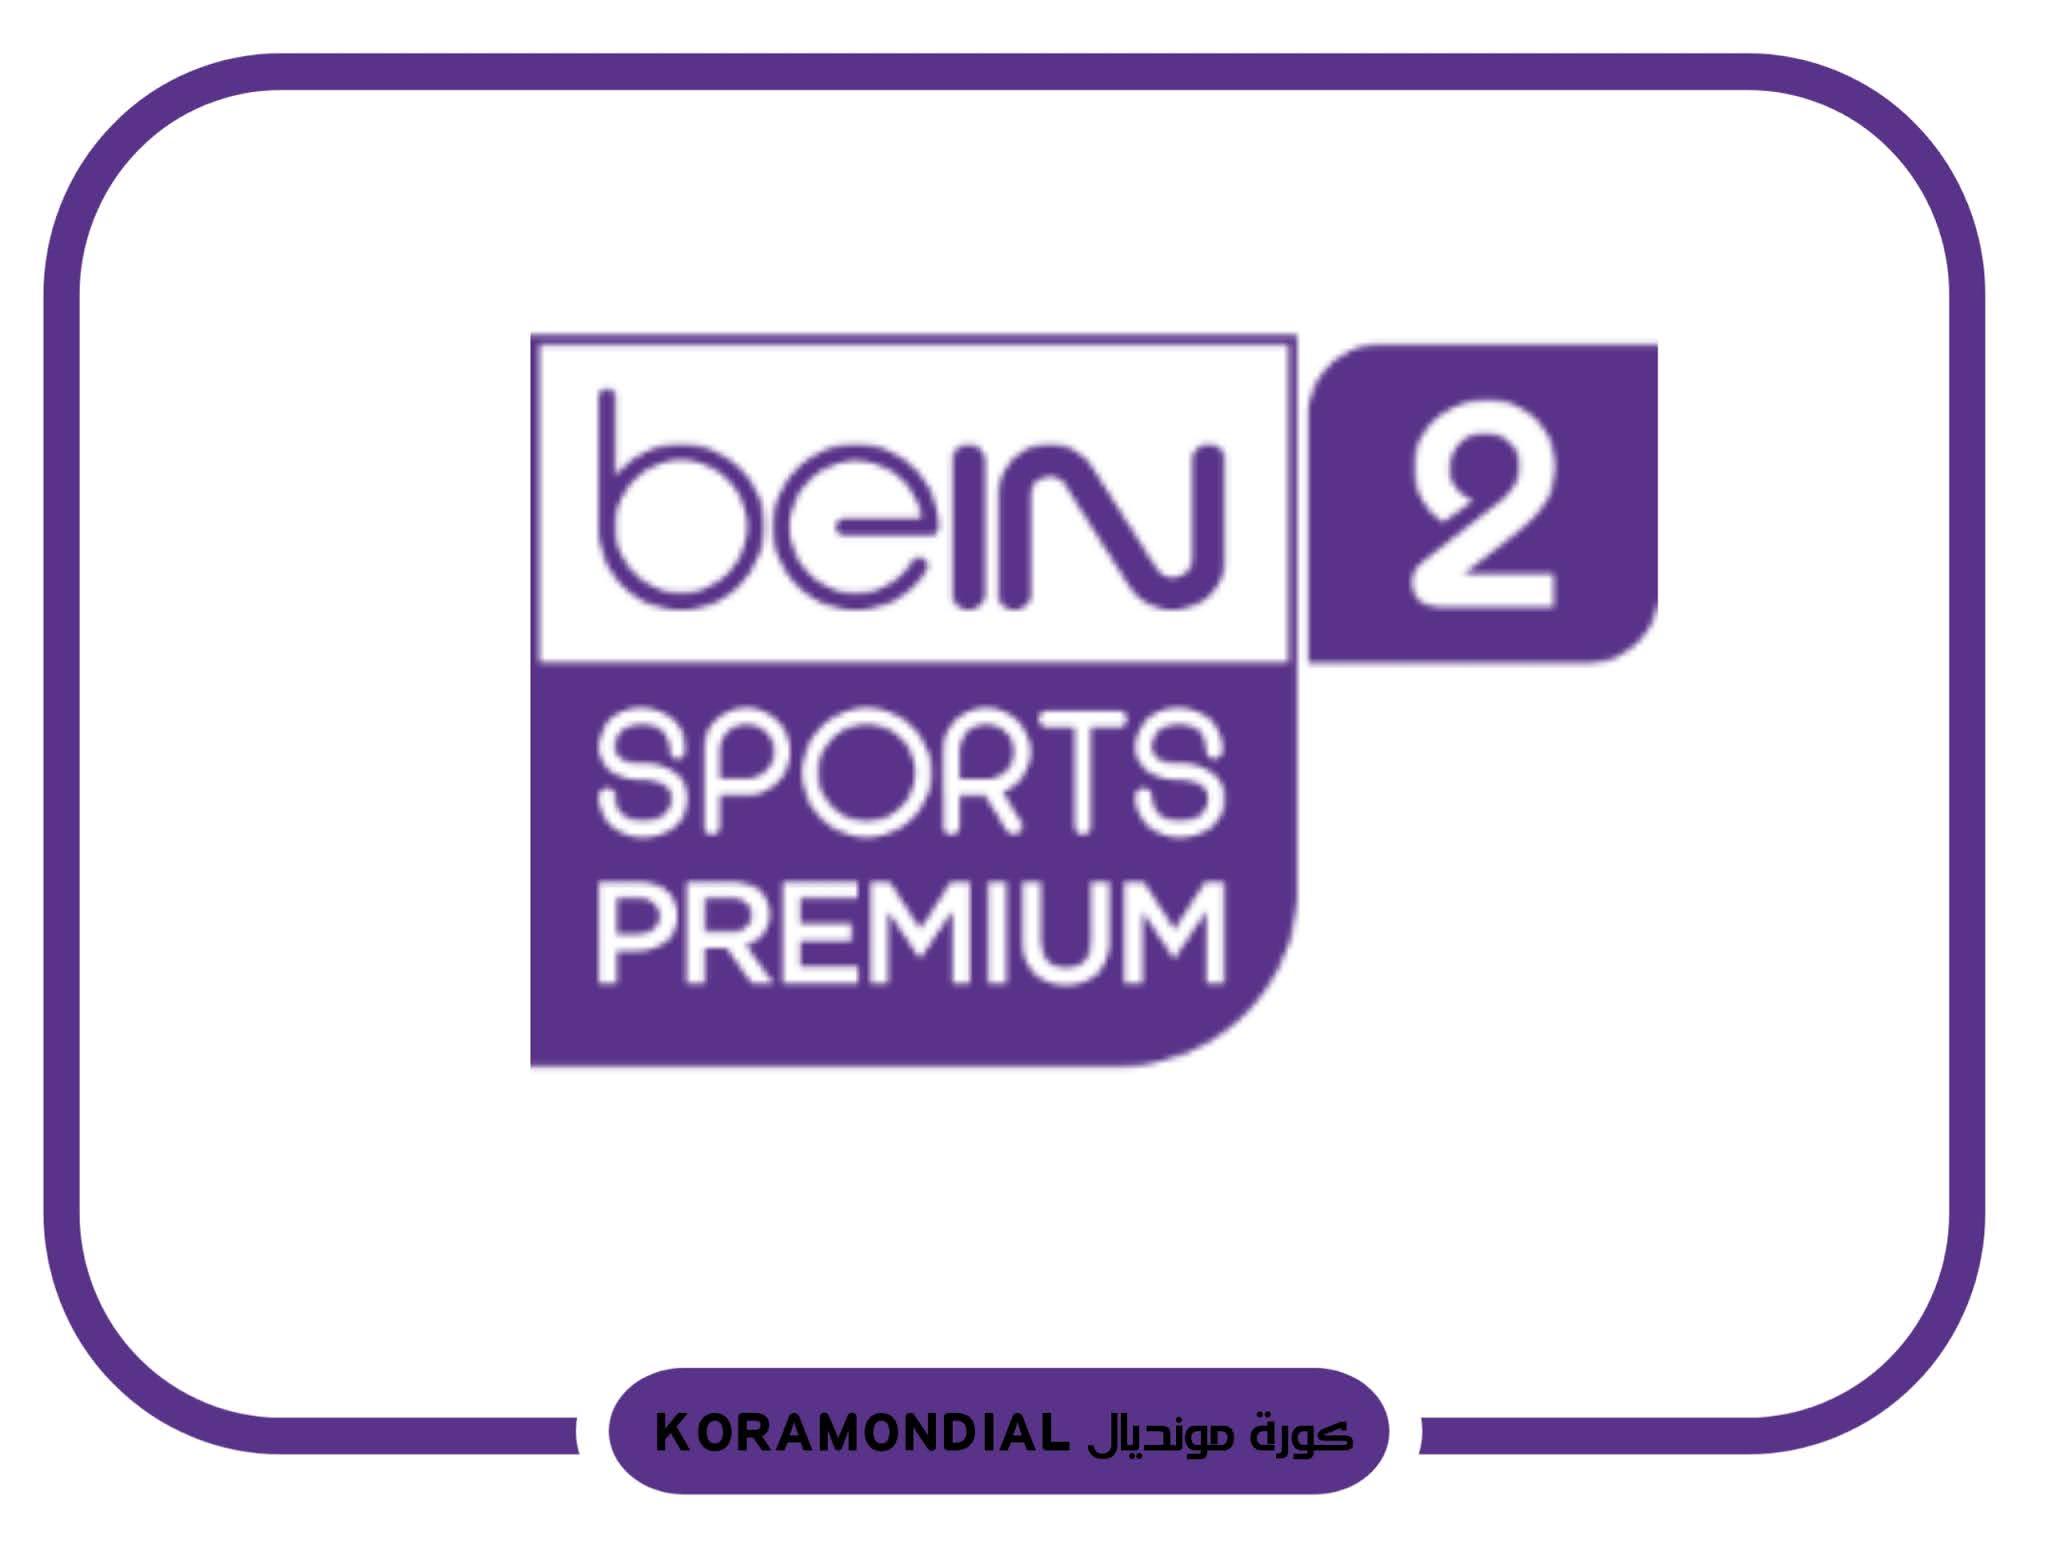 قناة بي إن سبورت بريميوم 2 بث مباشر bein sports premium 2 HD live